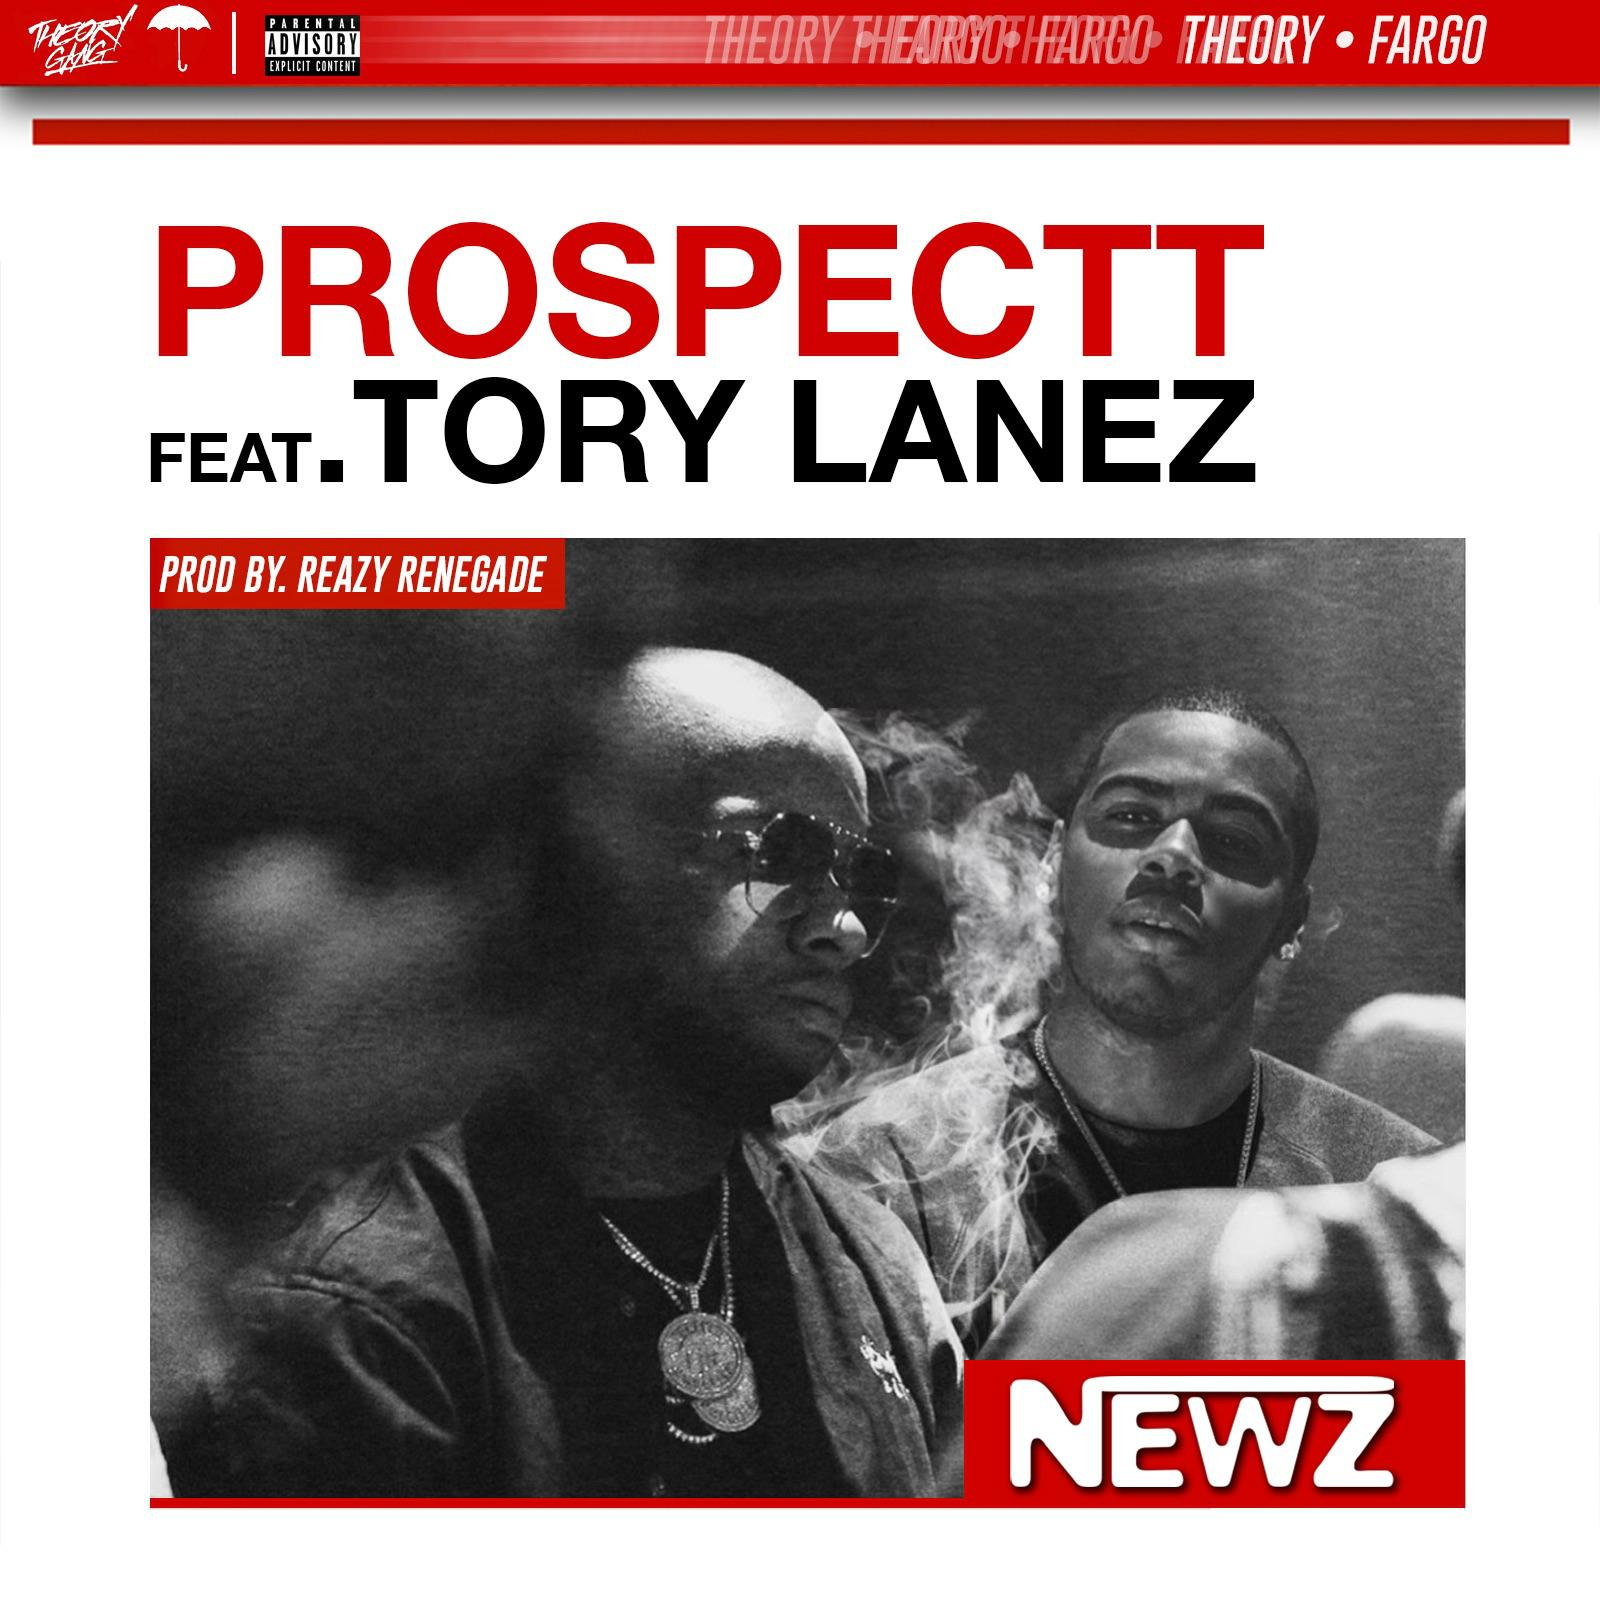 New Music: Prospectt ft. Tory Lanez – News